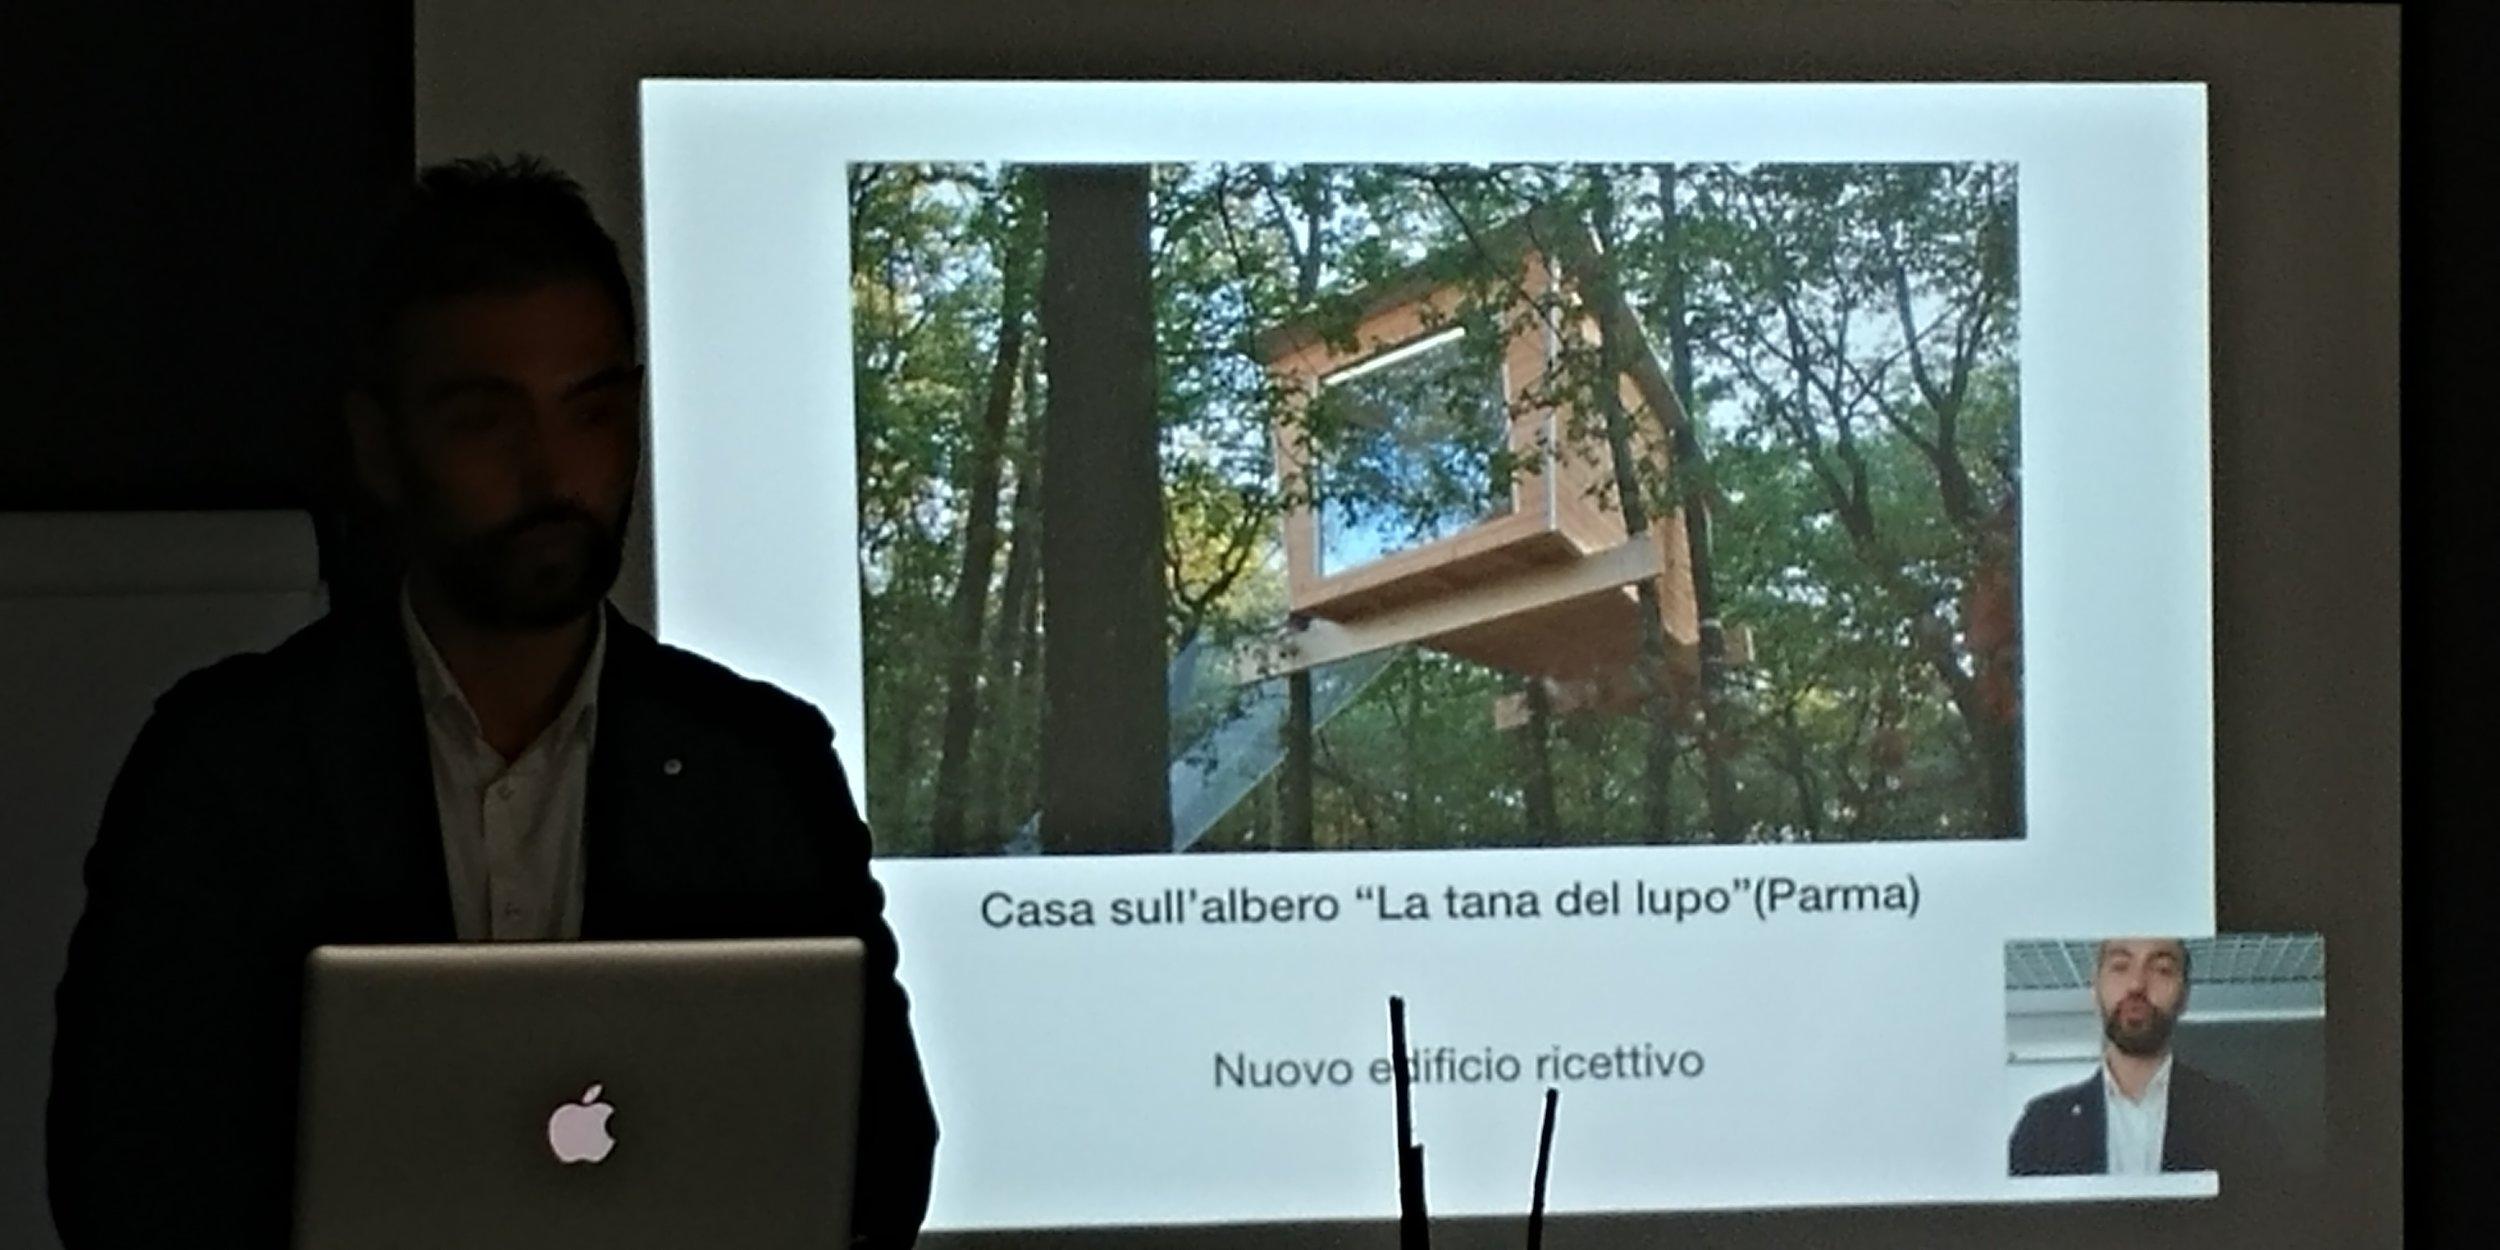 edifici-di-paglia-italia-progetto-turistico-06.jpg